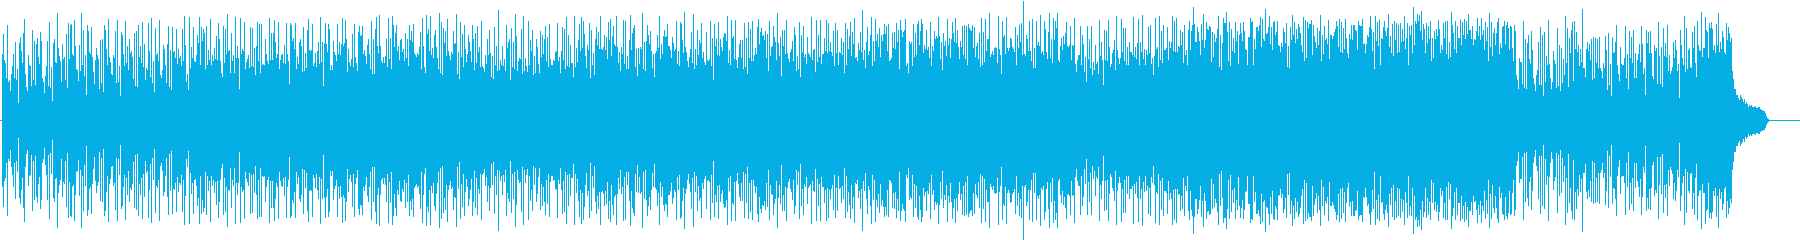 ヒップでポップなダンサンブルビートの再生済みの波形